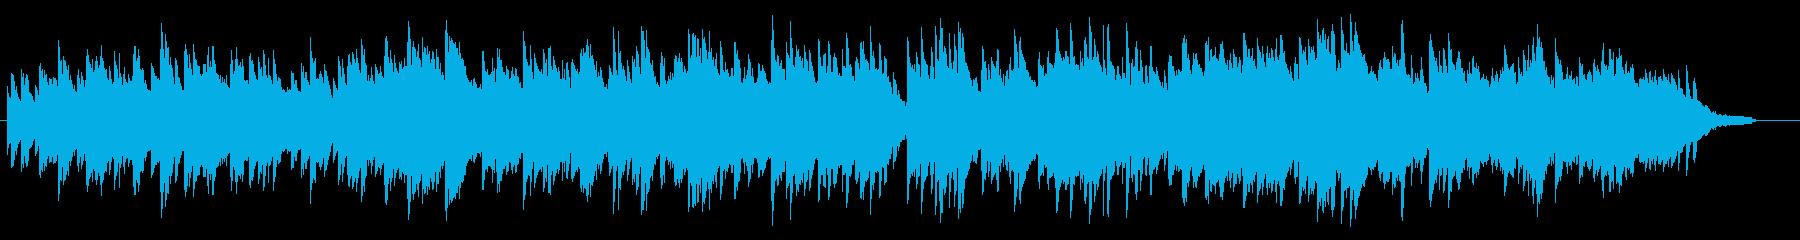 爽やかで切ない、やさしいピアノBGMの再生済みの波形